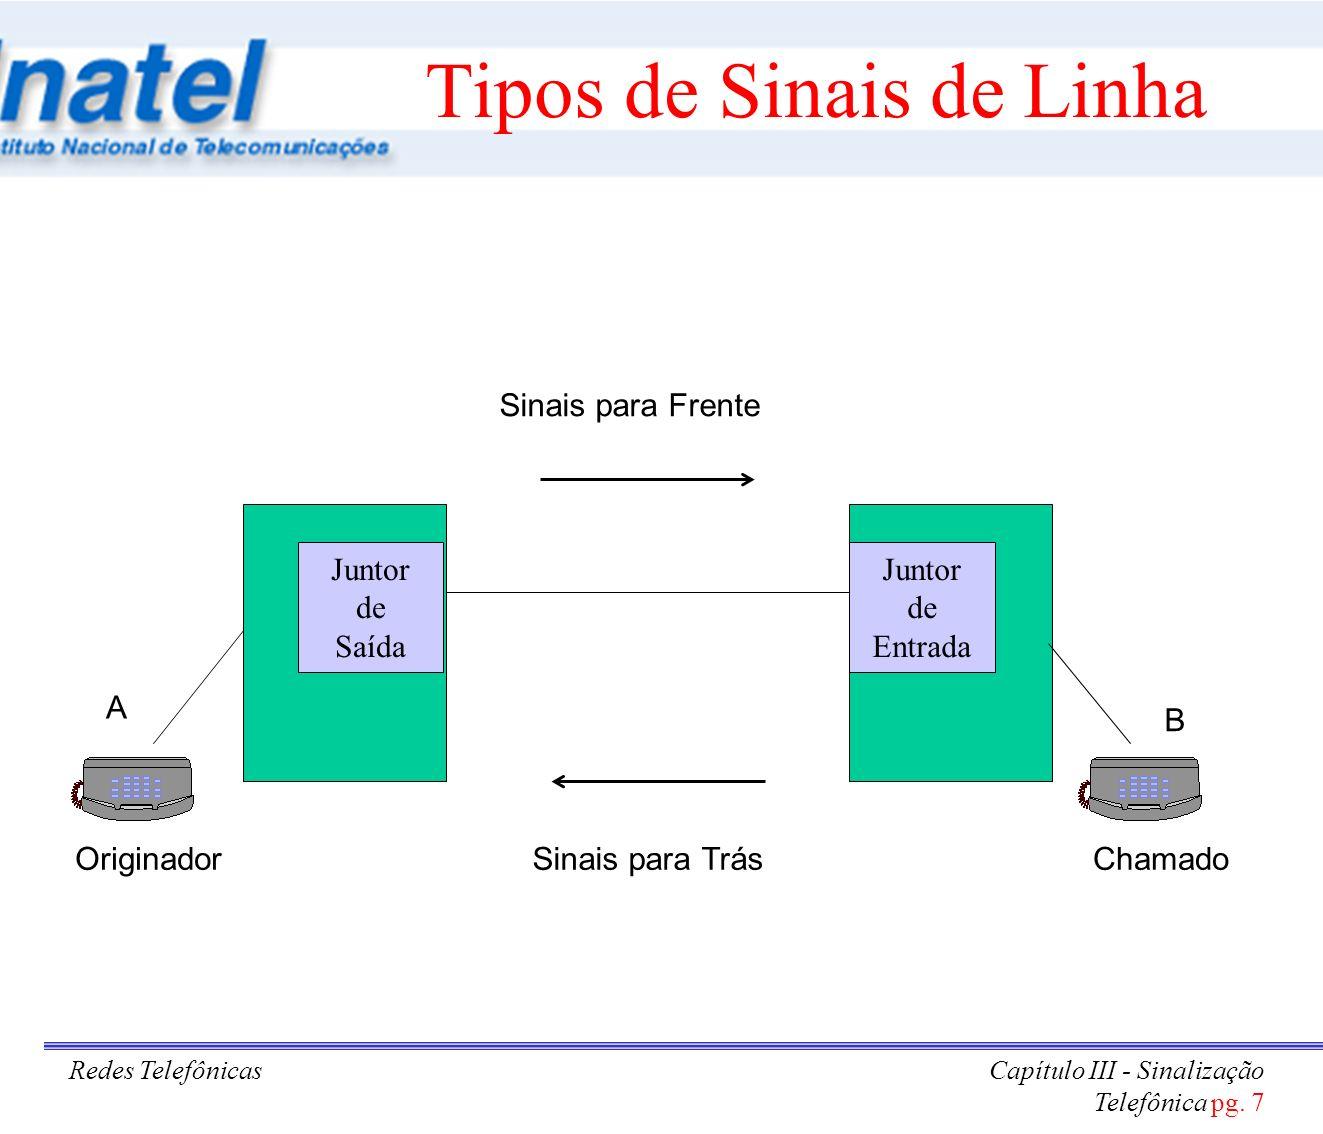 Redes TelefônicasCapítulo III - Sinalização Telefônica pg. 7 Tipos de Sinais de Linha A B Sinais para Frente Sinais para TrásOriginadorChamado Juntor